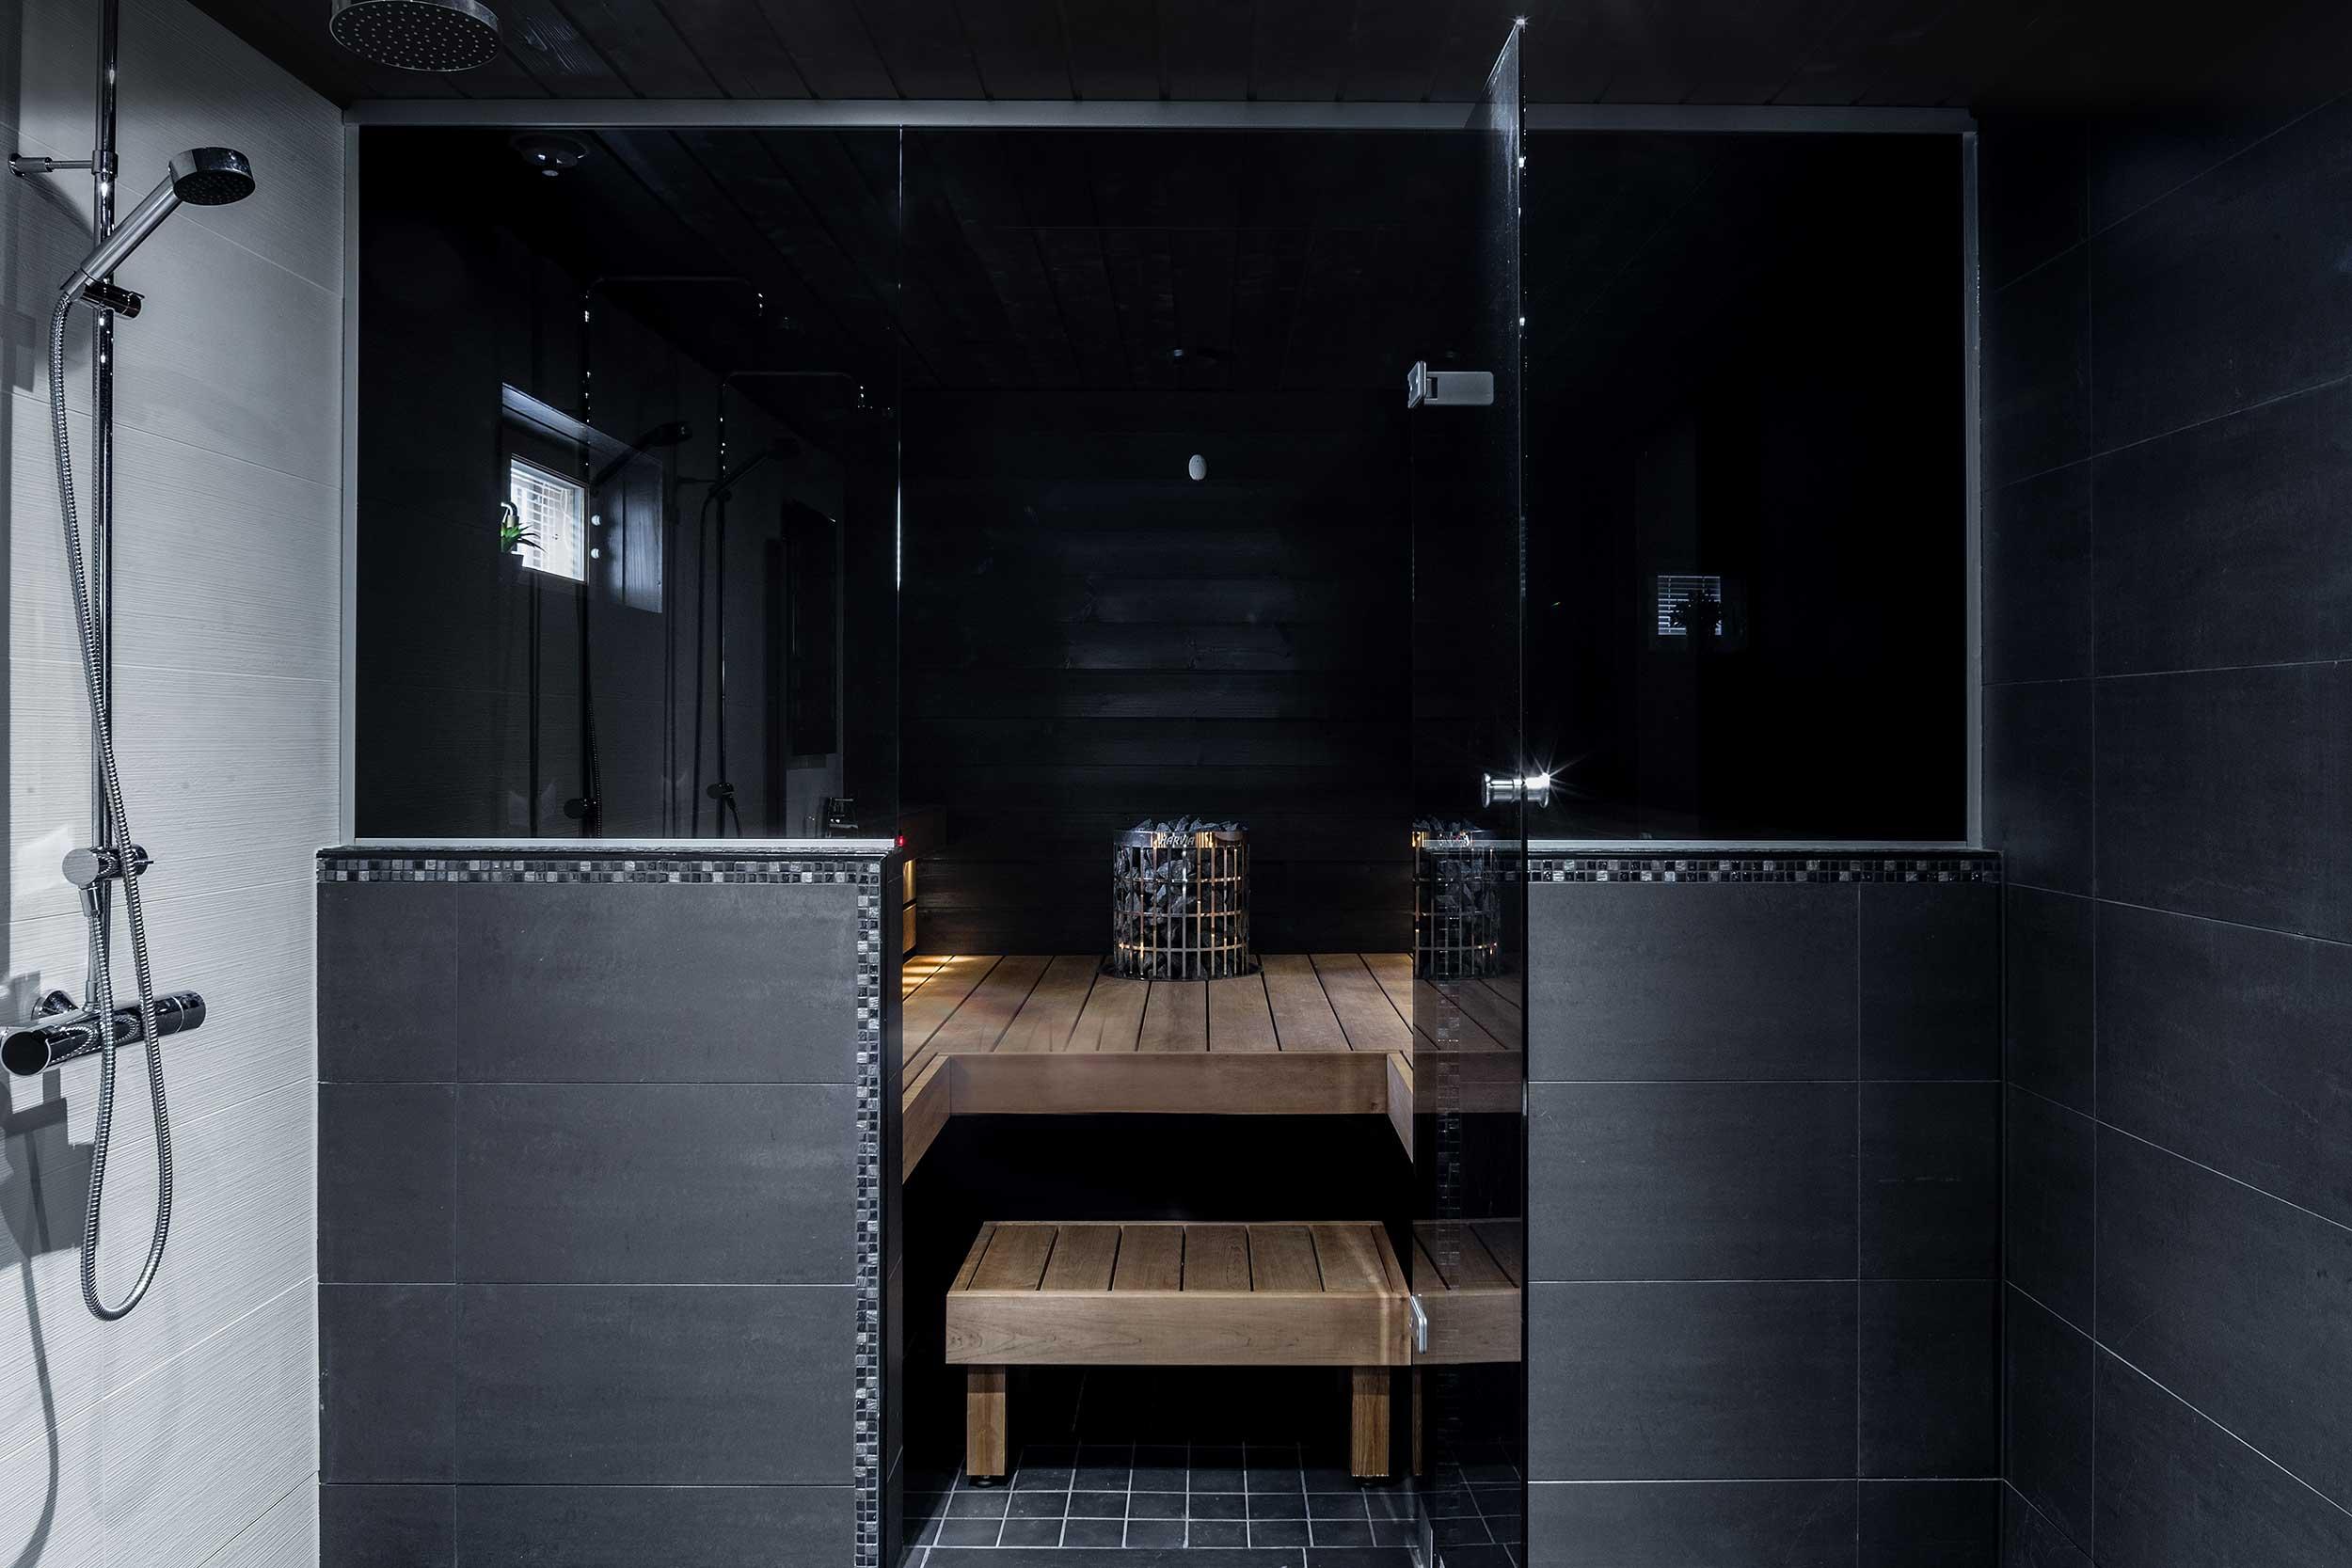 tyylikas musta-sauna-suihku yhdistelma asuntokuvat